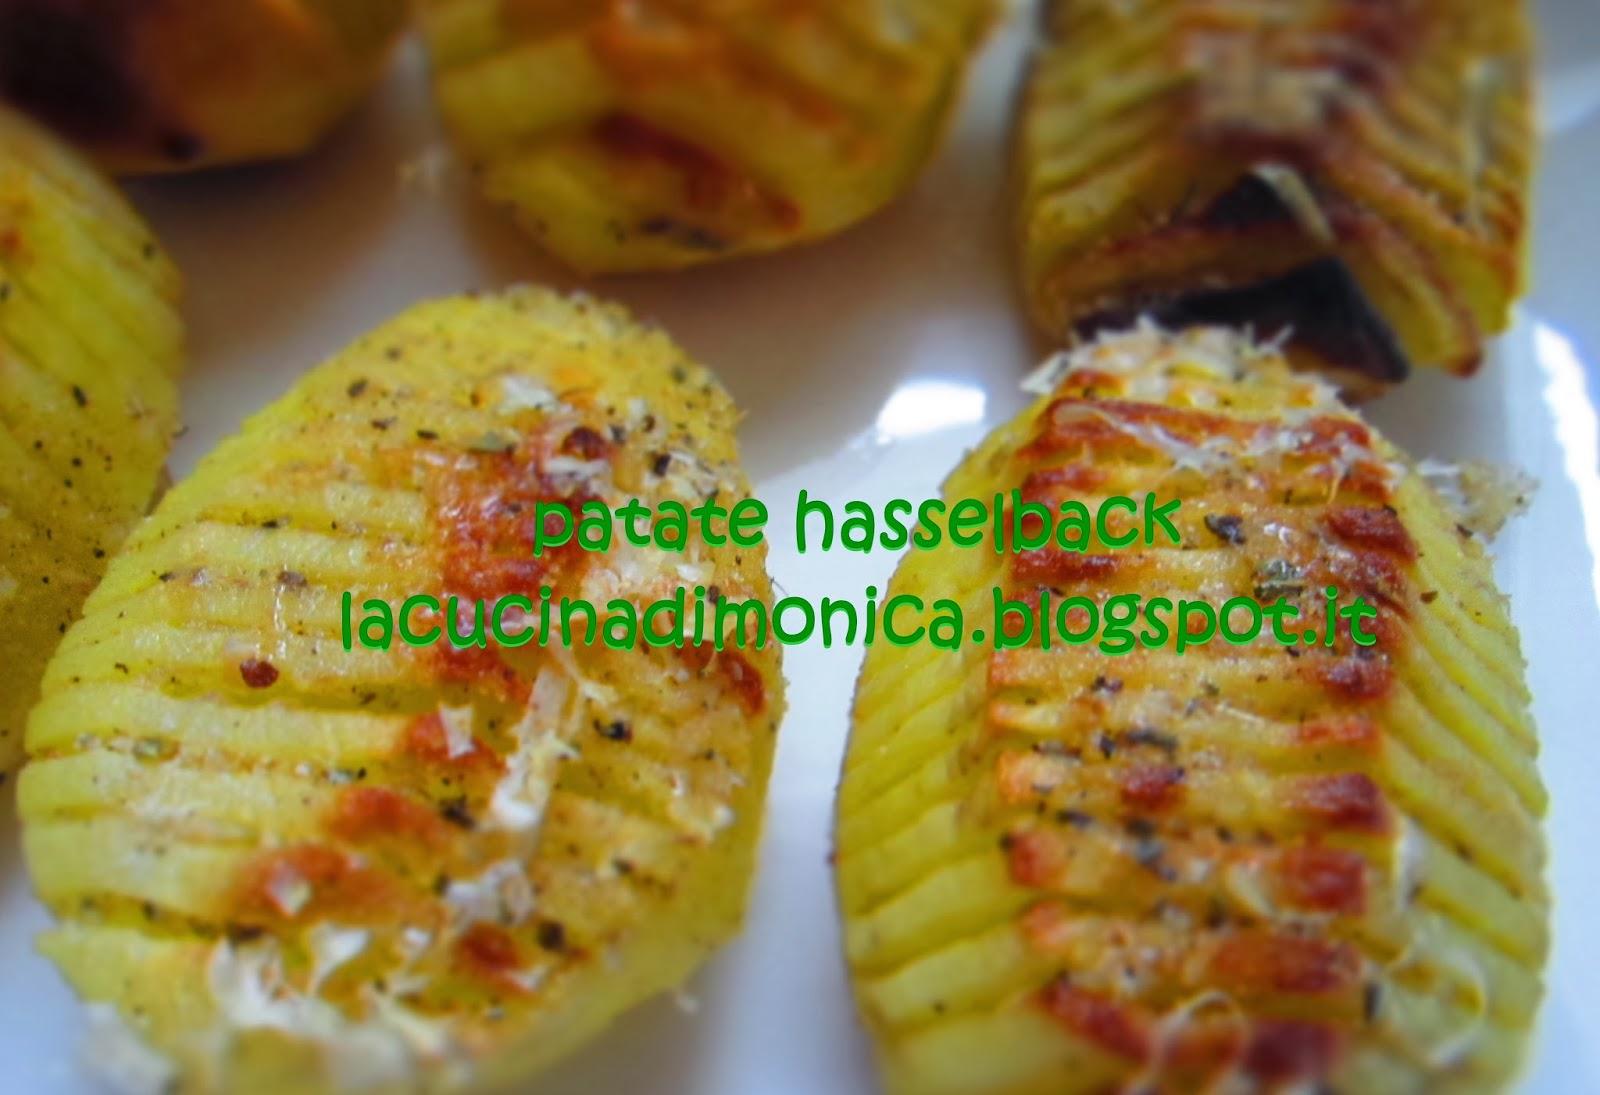 patate hasselback....una popolare ricetta svedese per cuocere le patate al forno